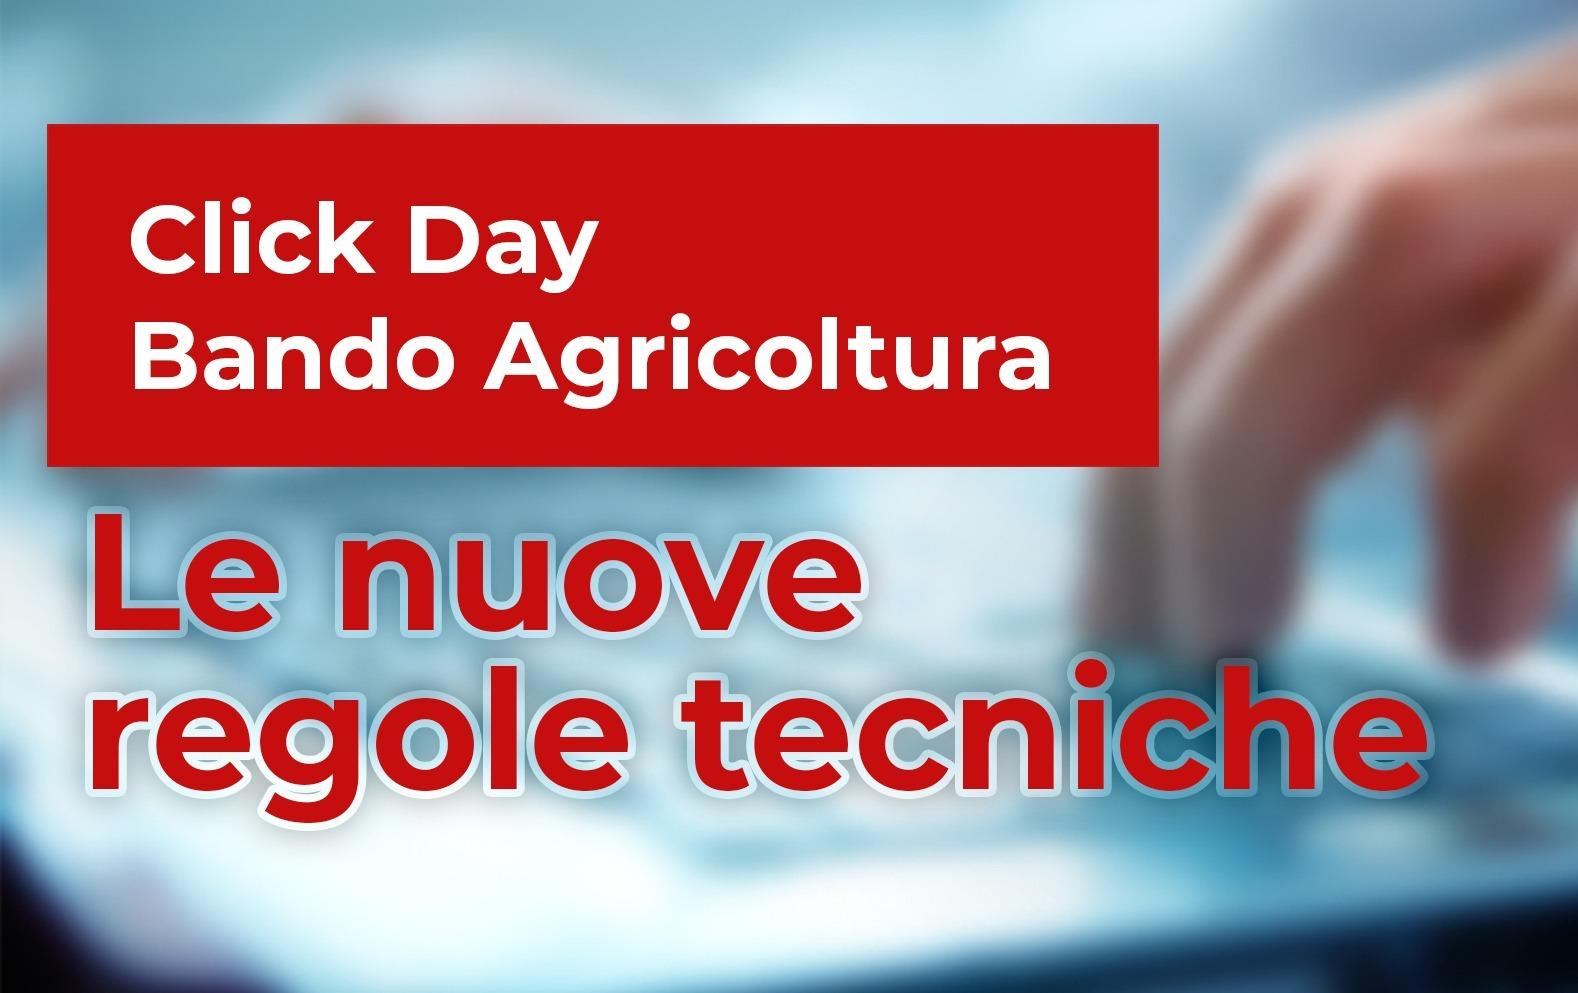 regole tecniche click day: bando agricoltura